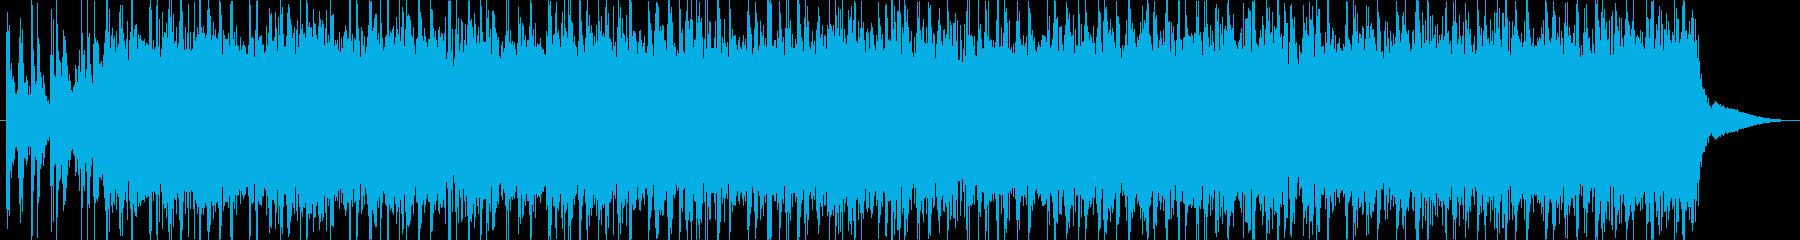 トーク用BGM(明るいノリのロック)の再生済みの波形